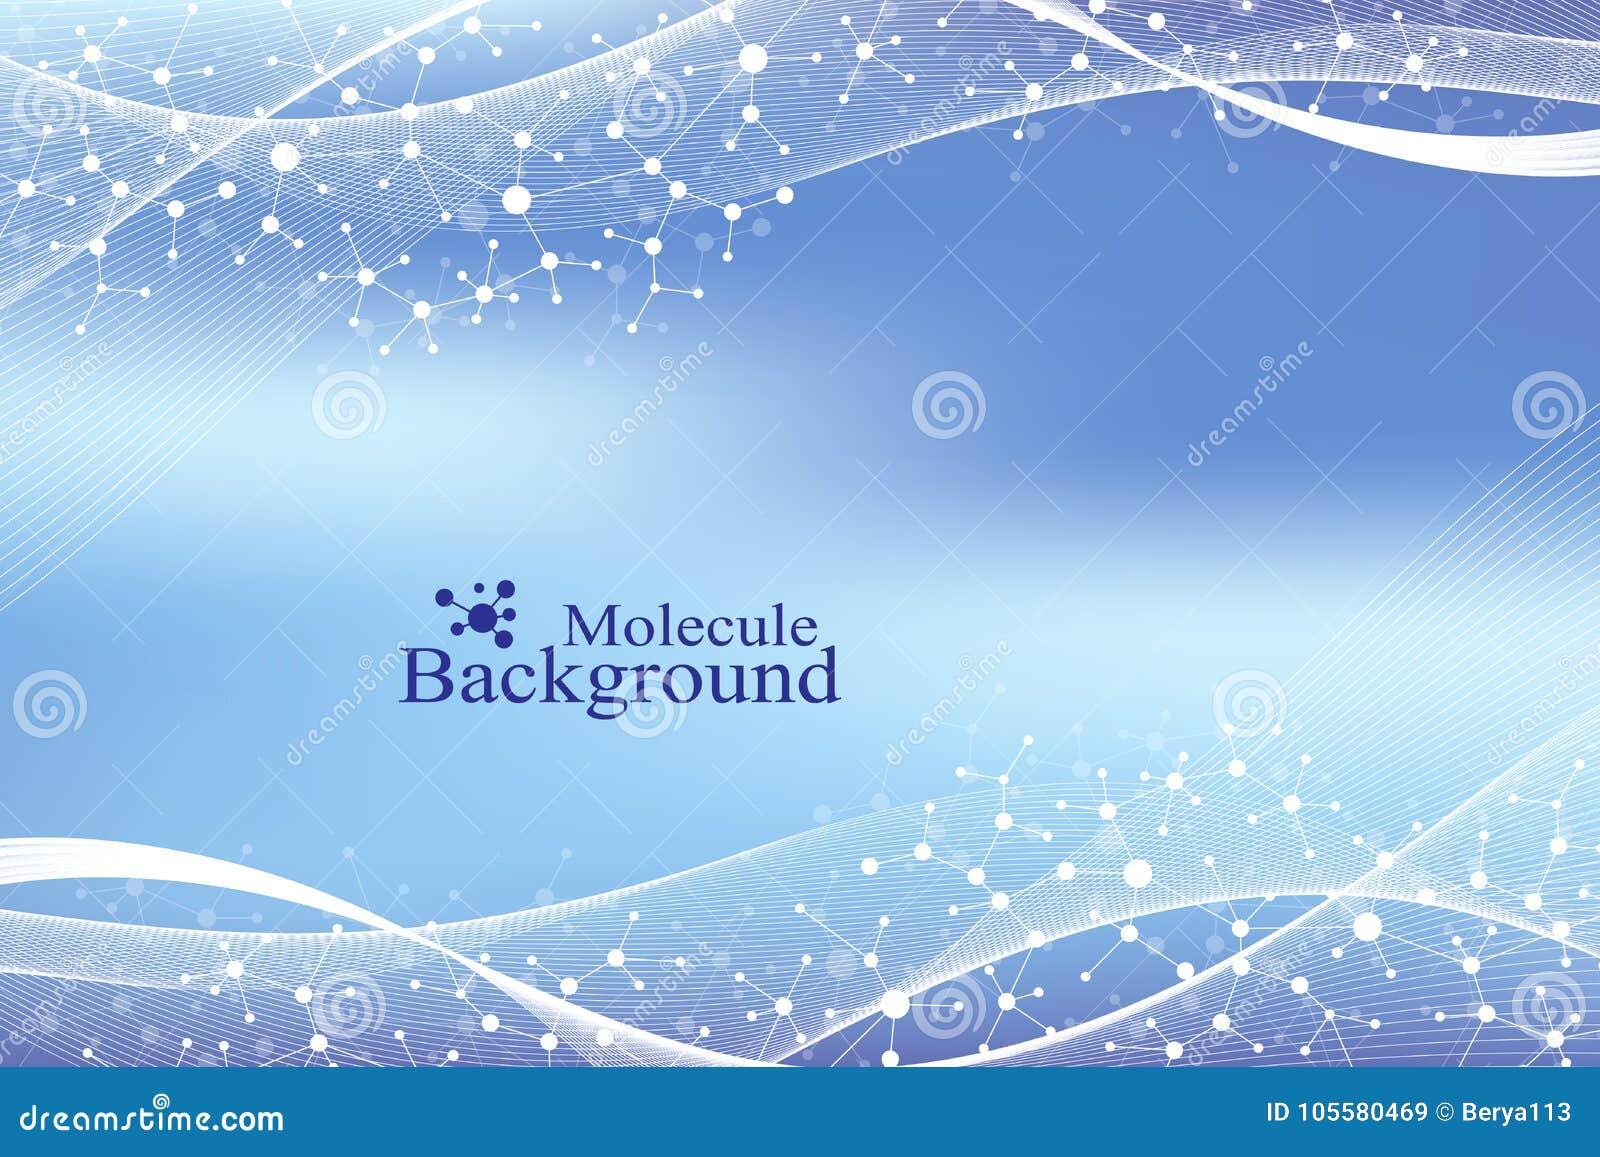 ADN moderne de molécule de structure atome Molécule et fond de communication pour la médecine, la science, technologie, chimie